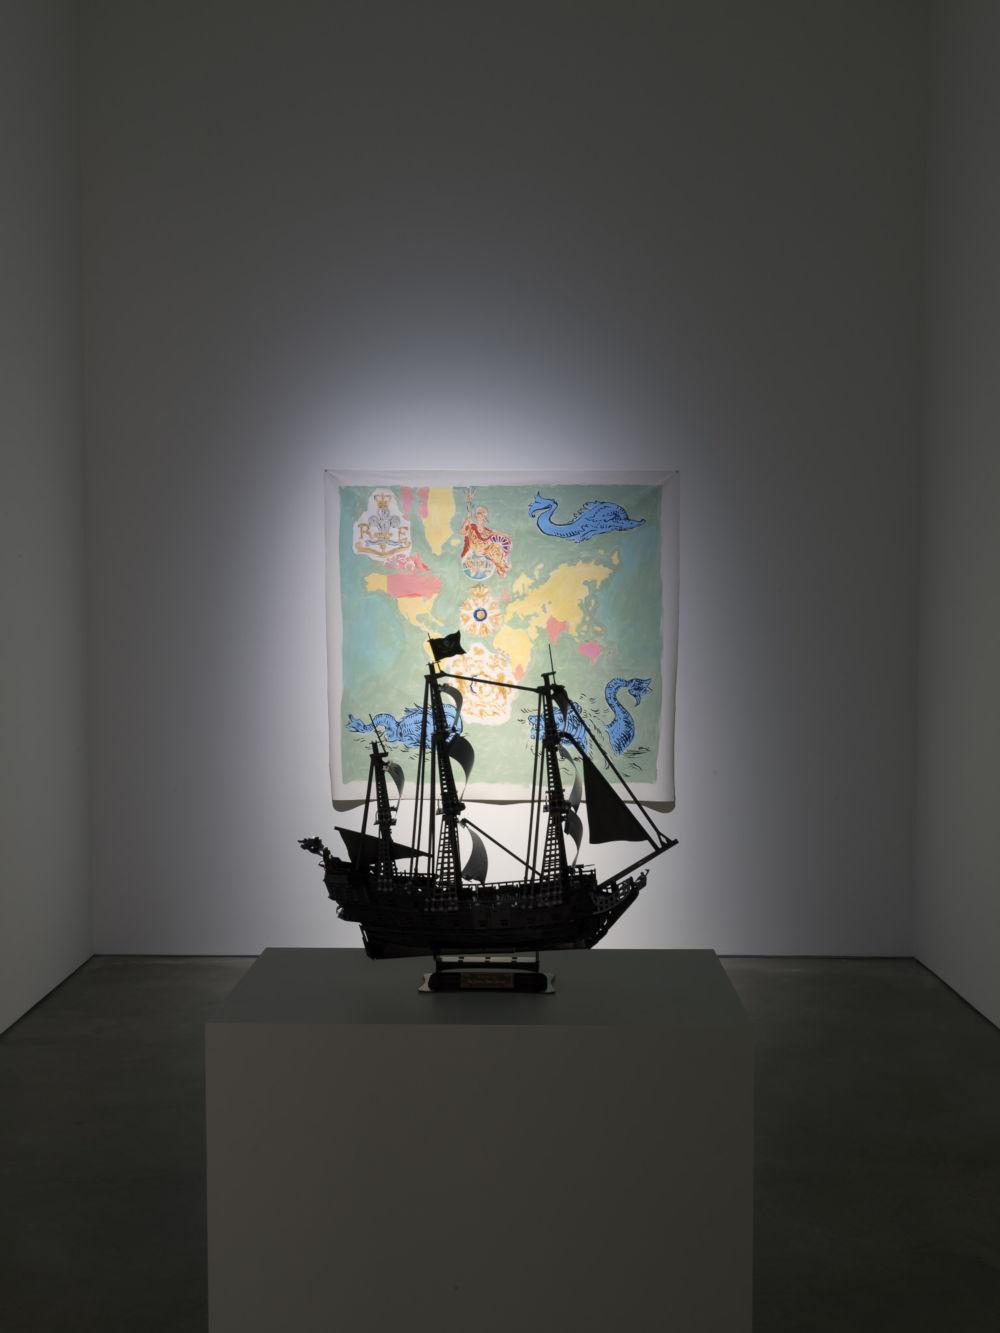 303-Gallery-Karen-Kilimnik-5